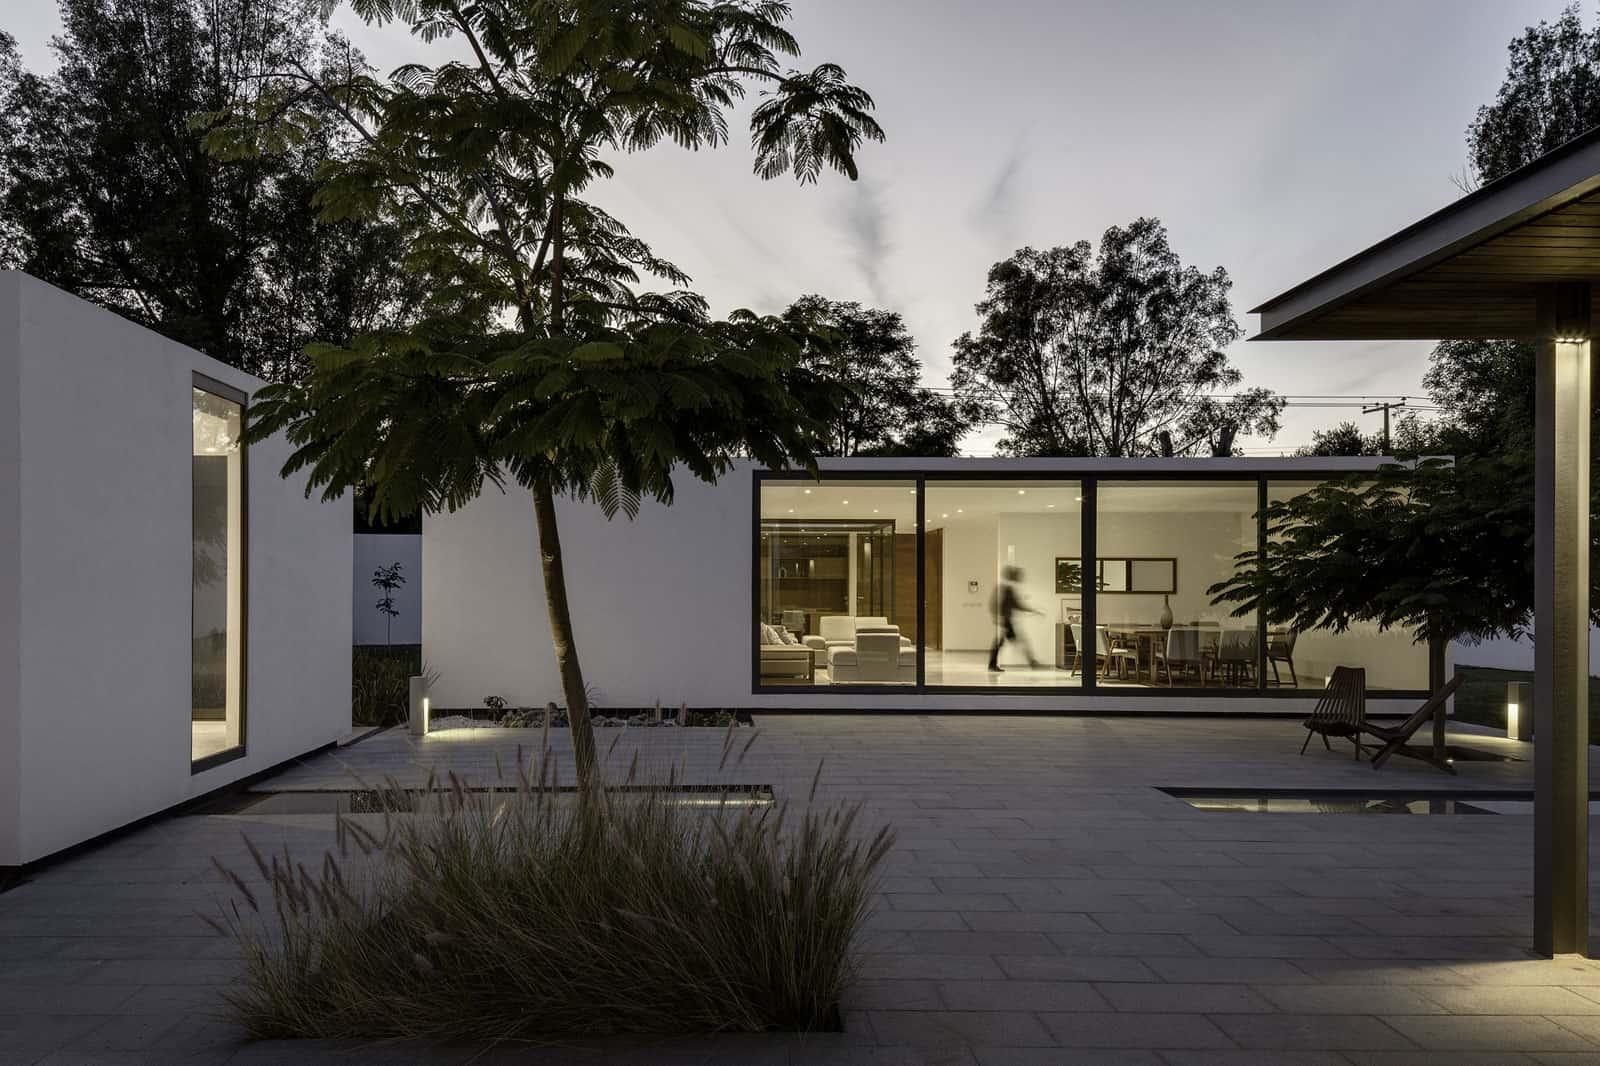 4.1.4 House by AS/D Asociación de Diseño